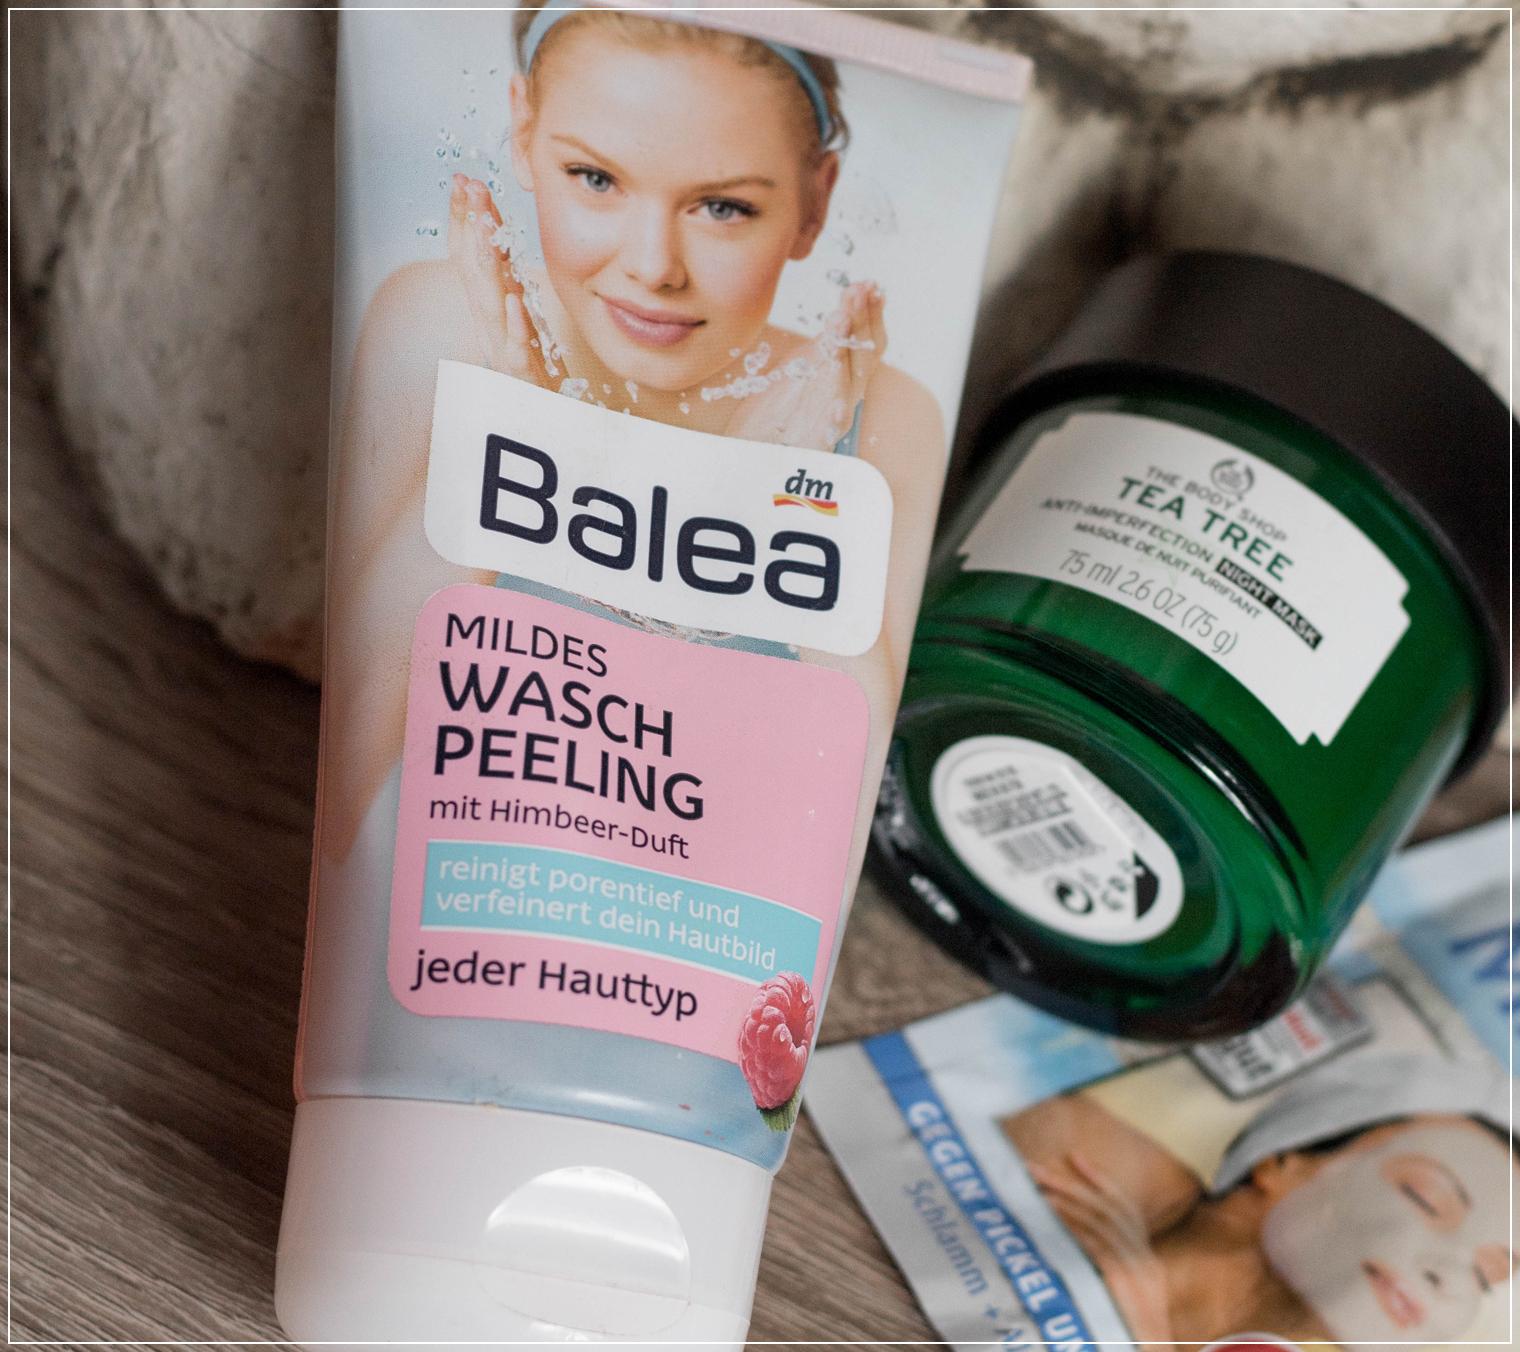 Gesichtspflegeroutine, Gesichtspflege, Hautpflege, Pflegetipps, Gesichtsreinigung, Gesichtspflegeprodukte, Beautyblogger, Ruhrgebiet, Beautybloggerin, Blogger, Drogerie Neuheiten, Drogerie Produkte